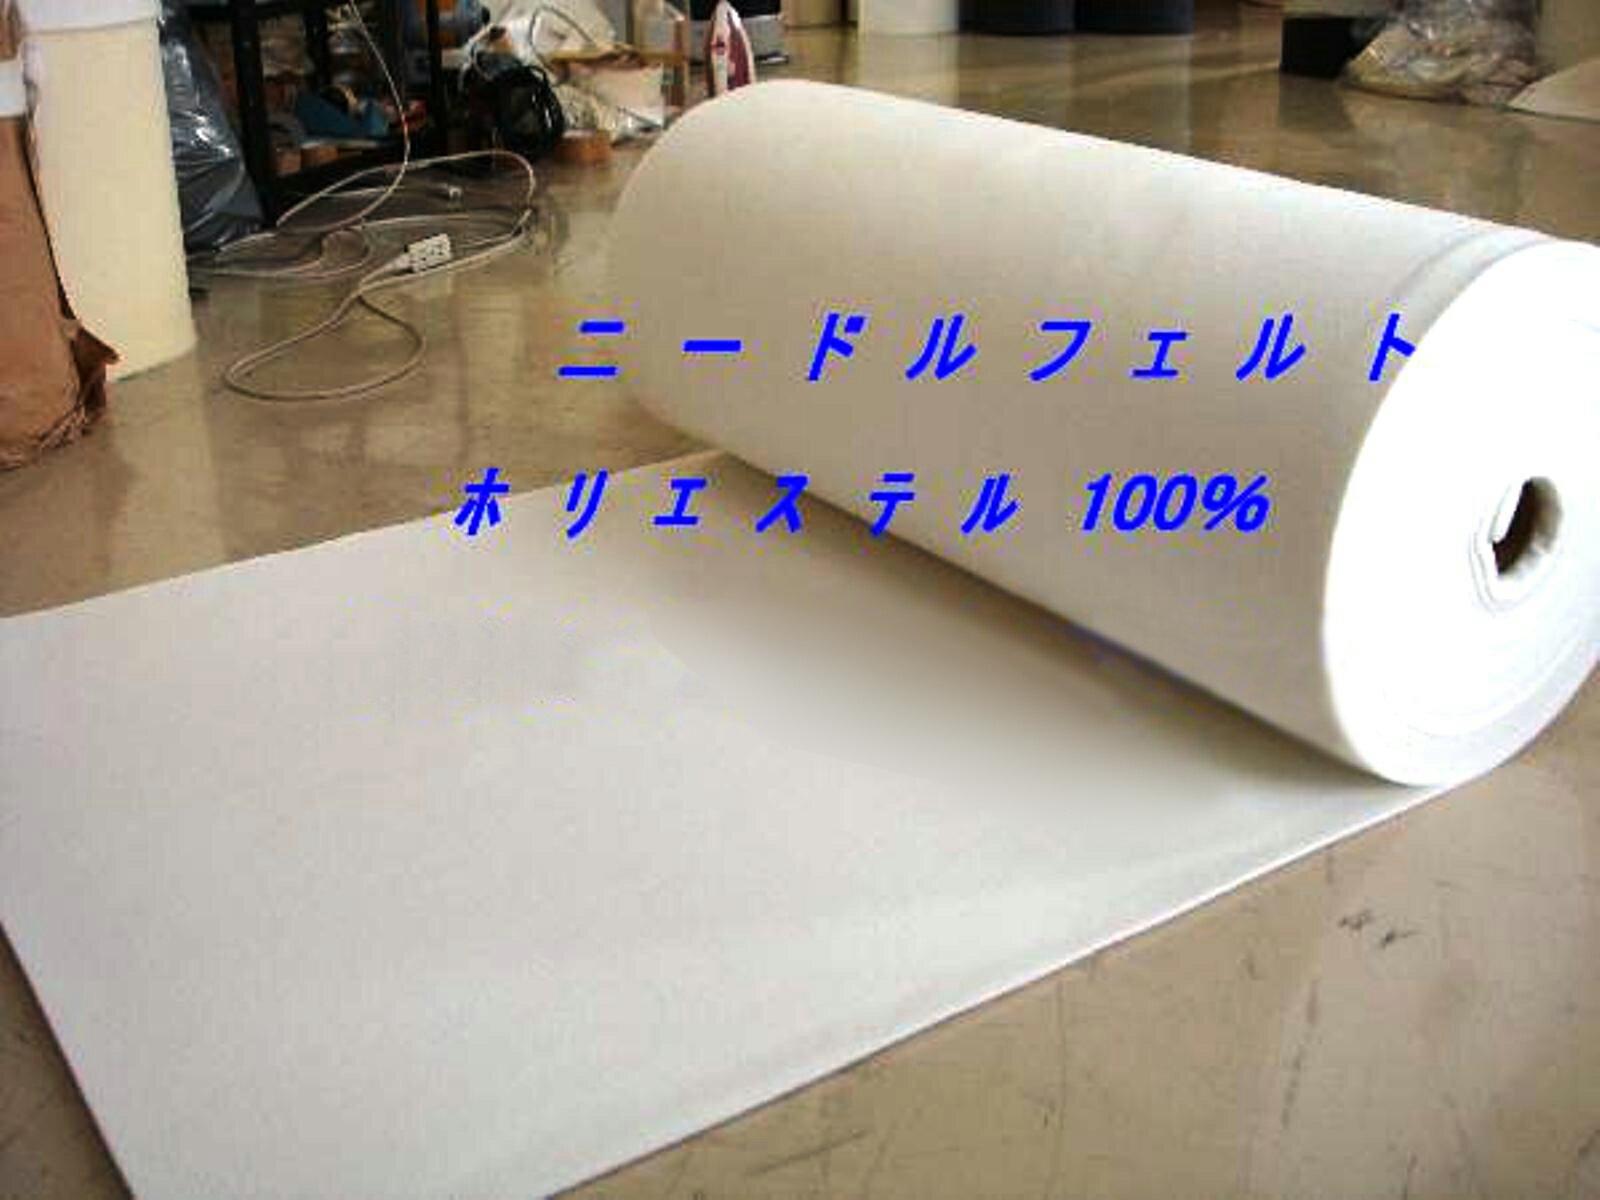 【ニードルフェルト白】【4ミリ厚】 900mmX1m 3000/枚 【カット販売】<送料込>